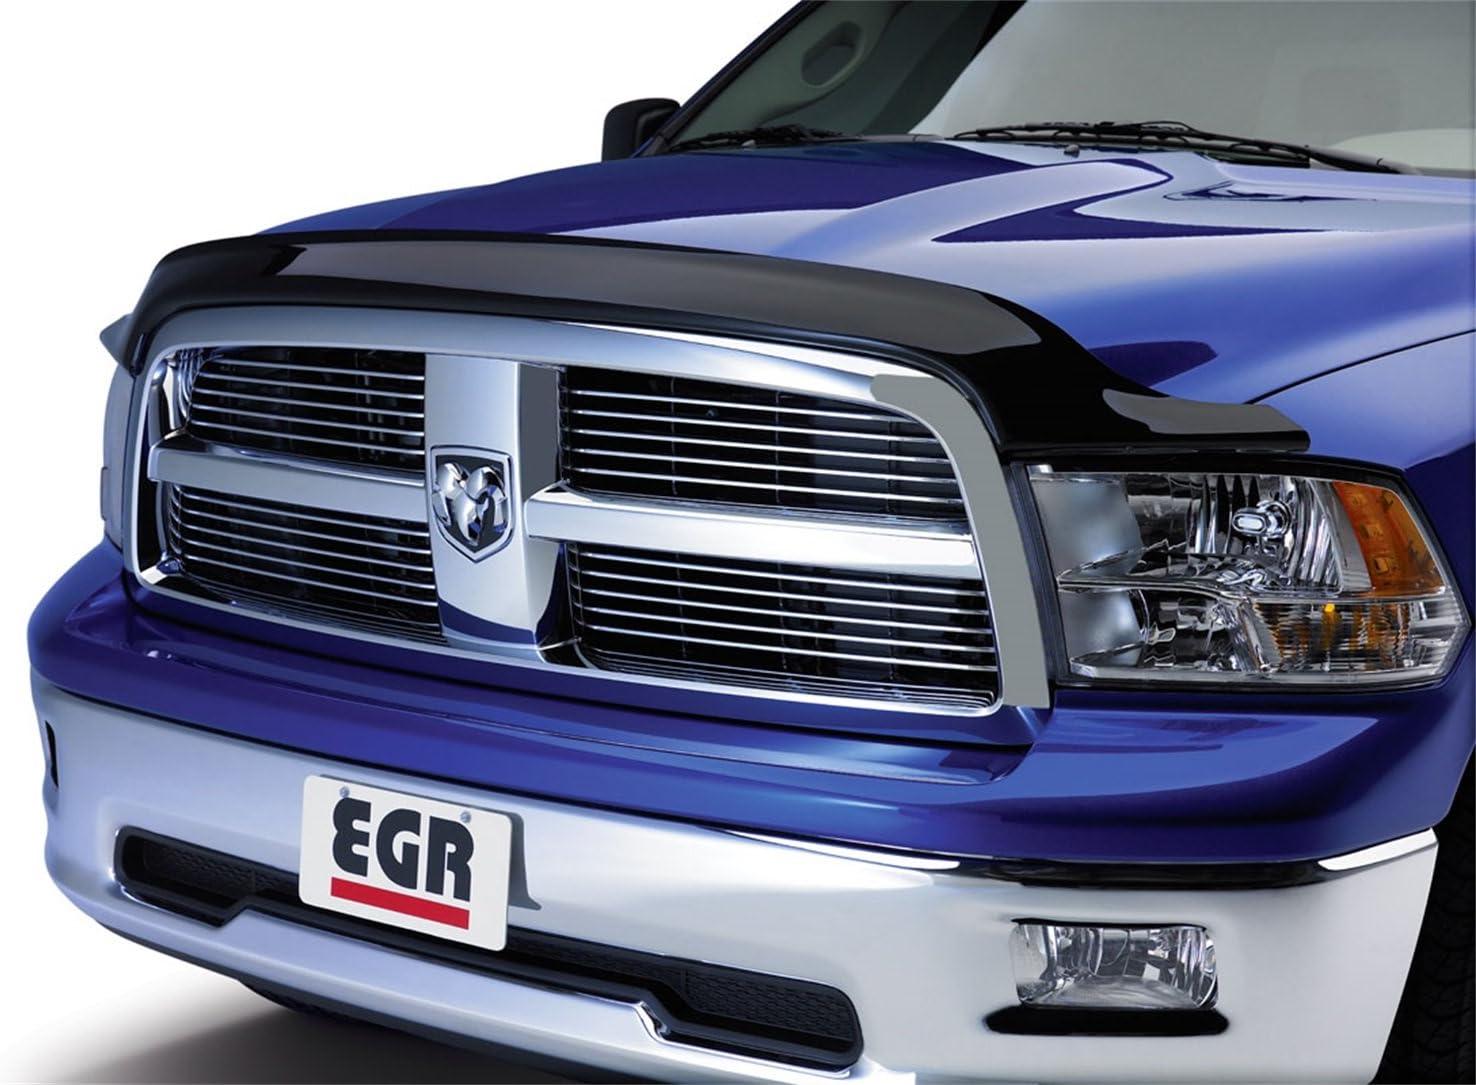 Smoke EGR 392651 Hood Shield